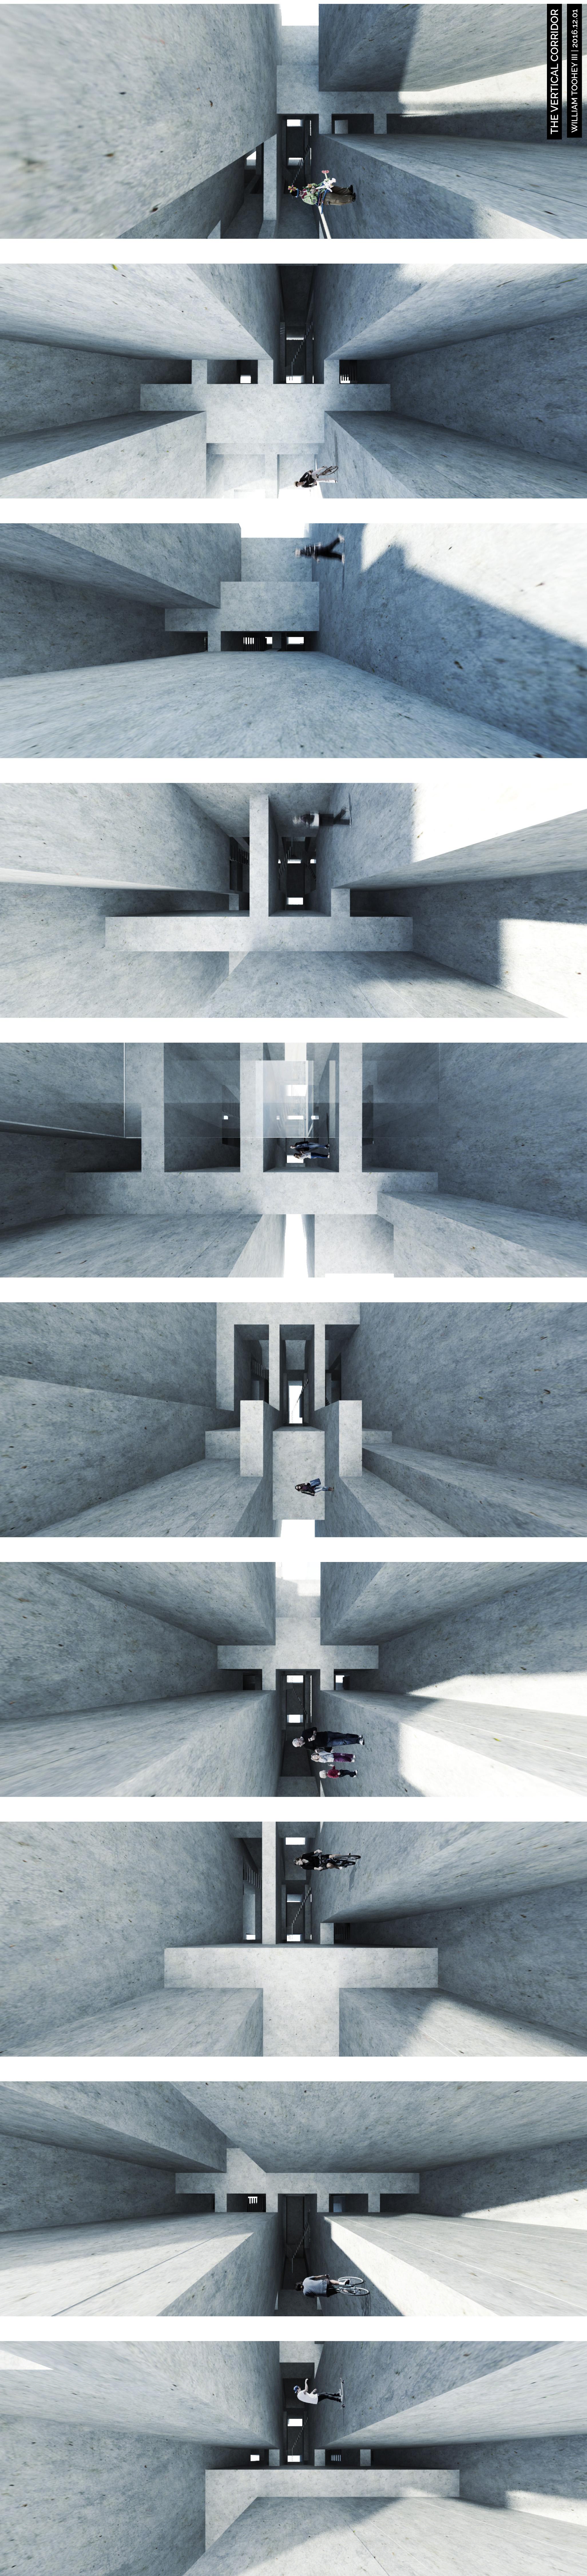 Final_18x72_07 Renderings.jpg